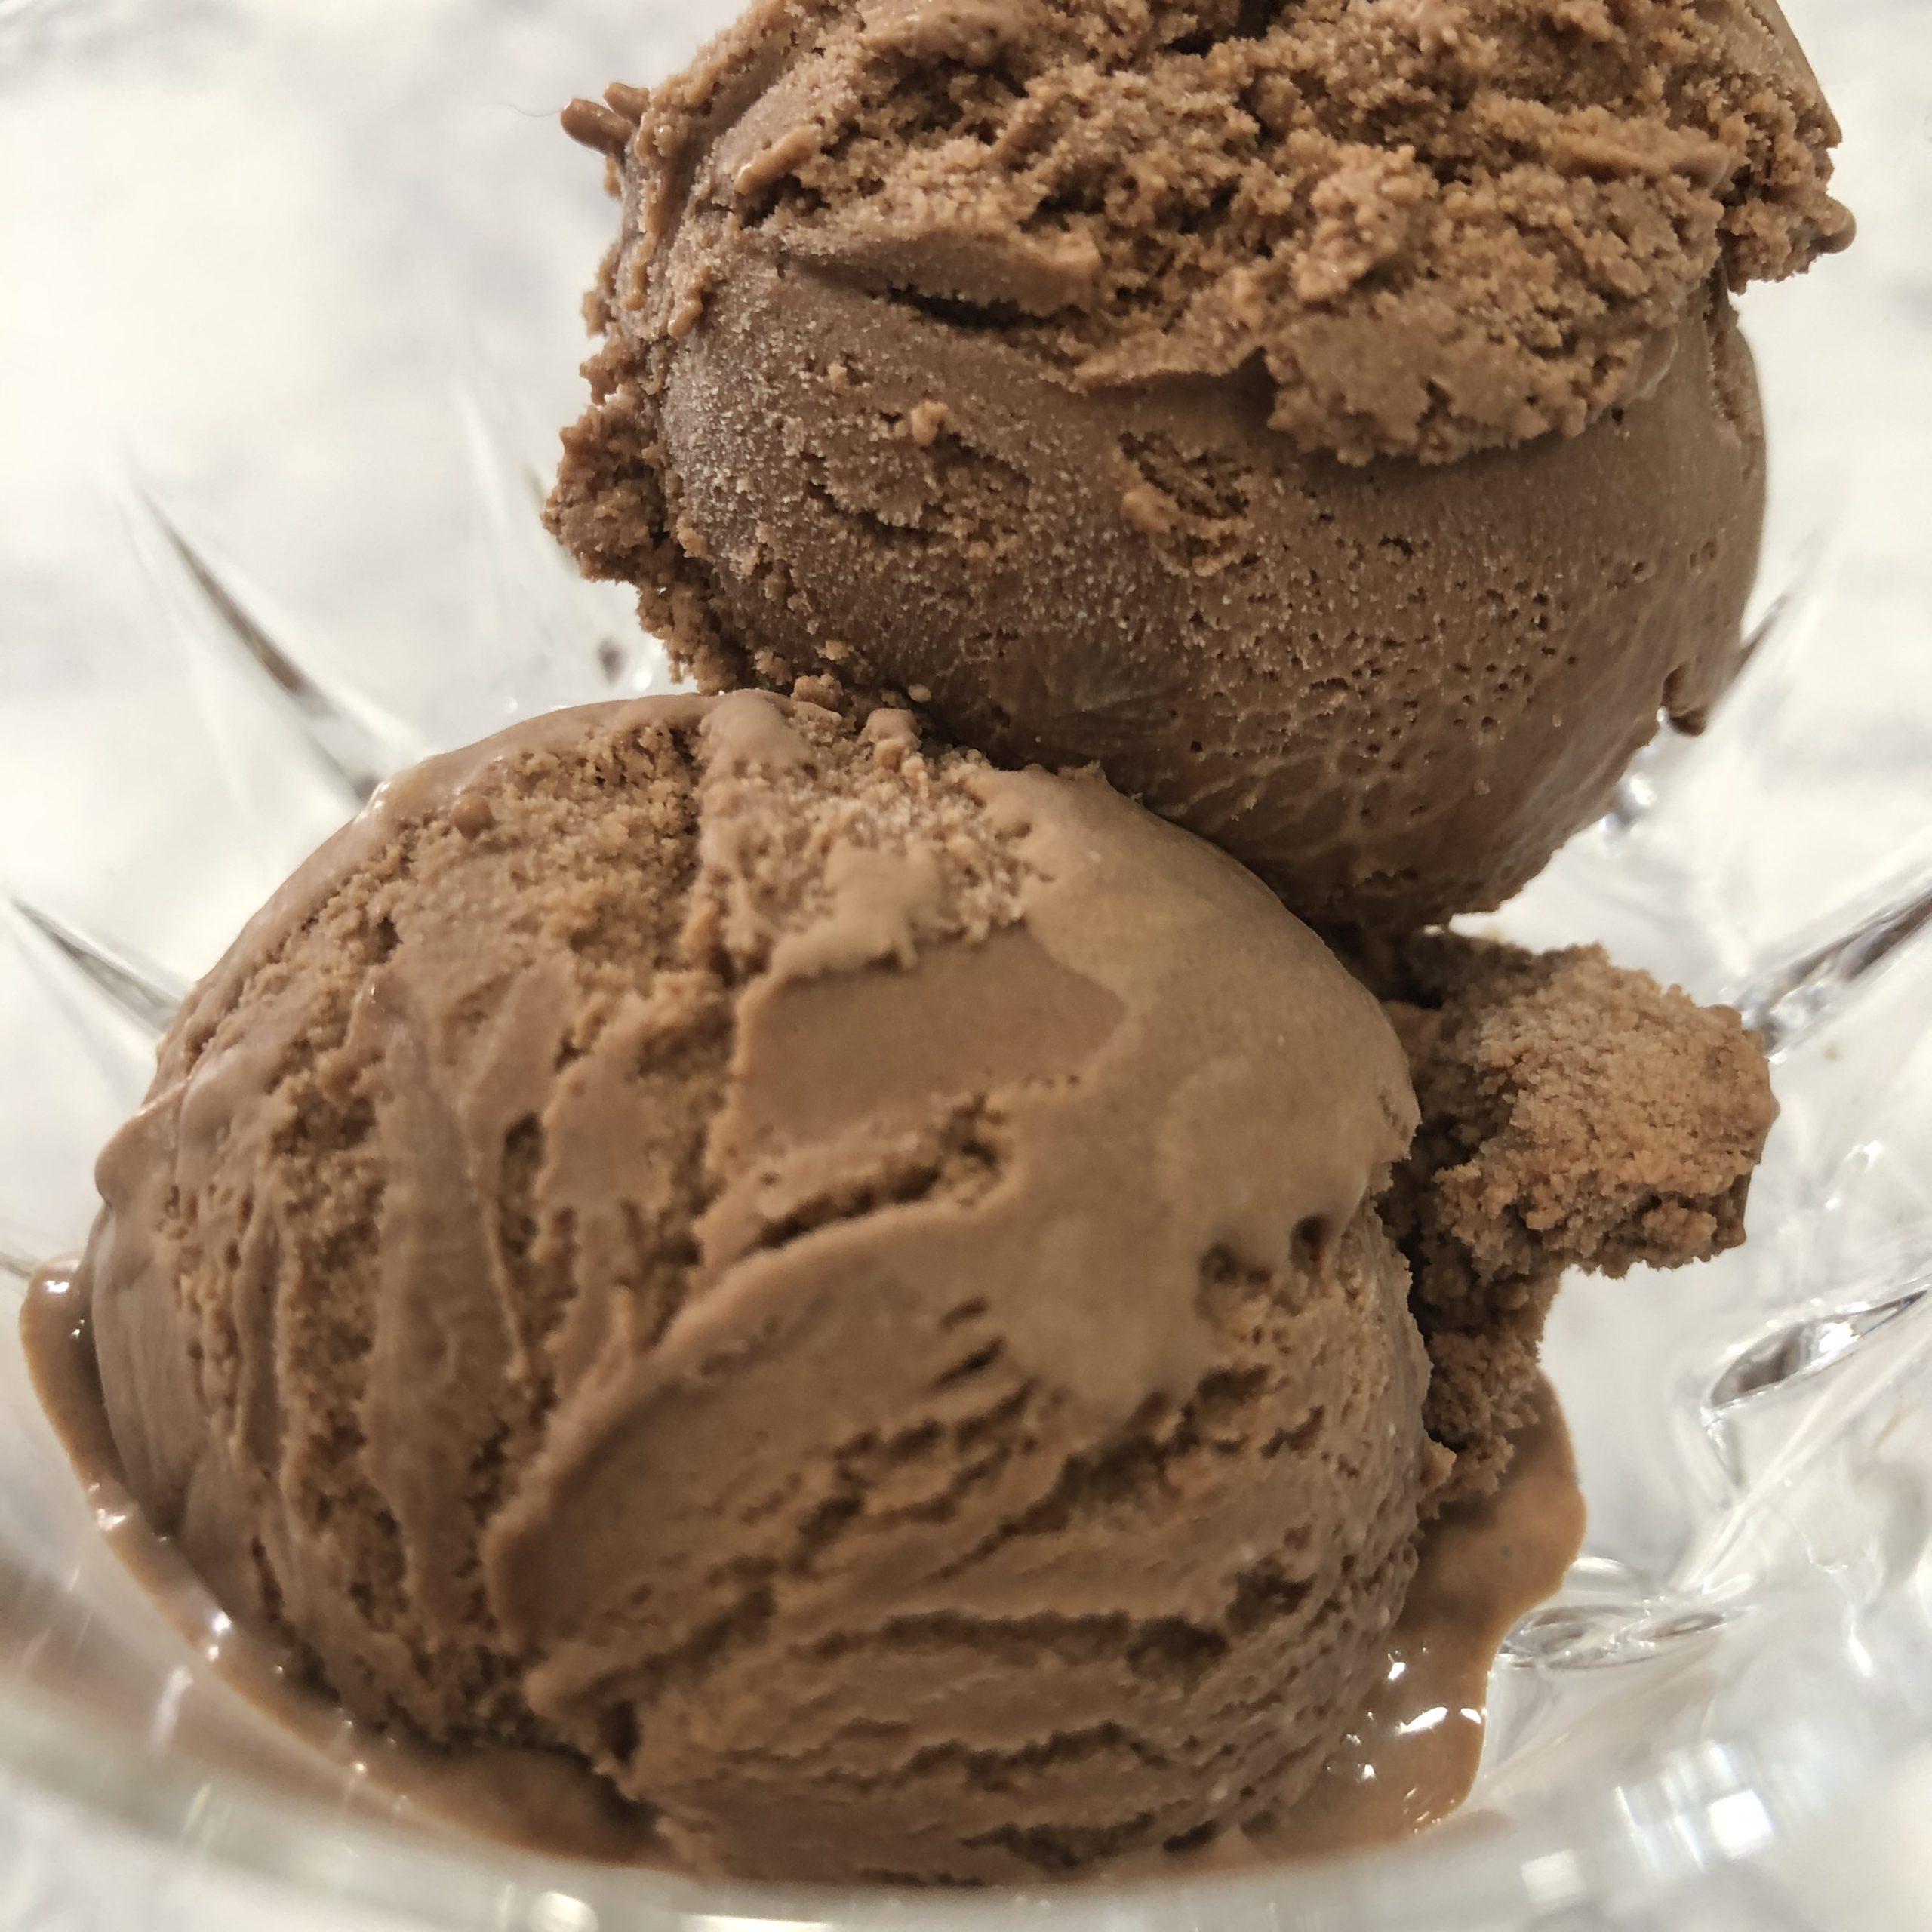 The Best Homemade Chocolate (or Vanilla!) Ice Cream